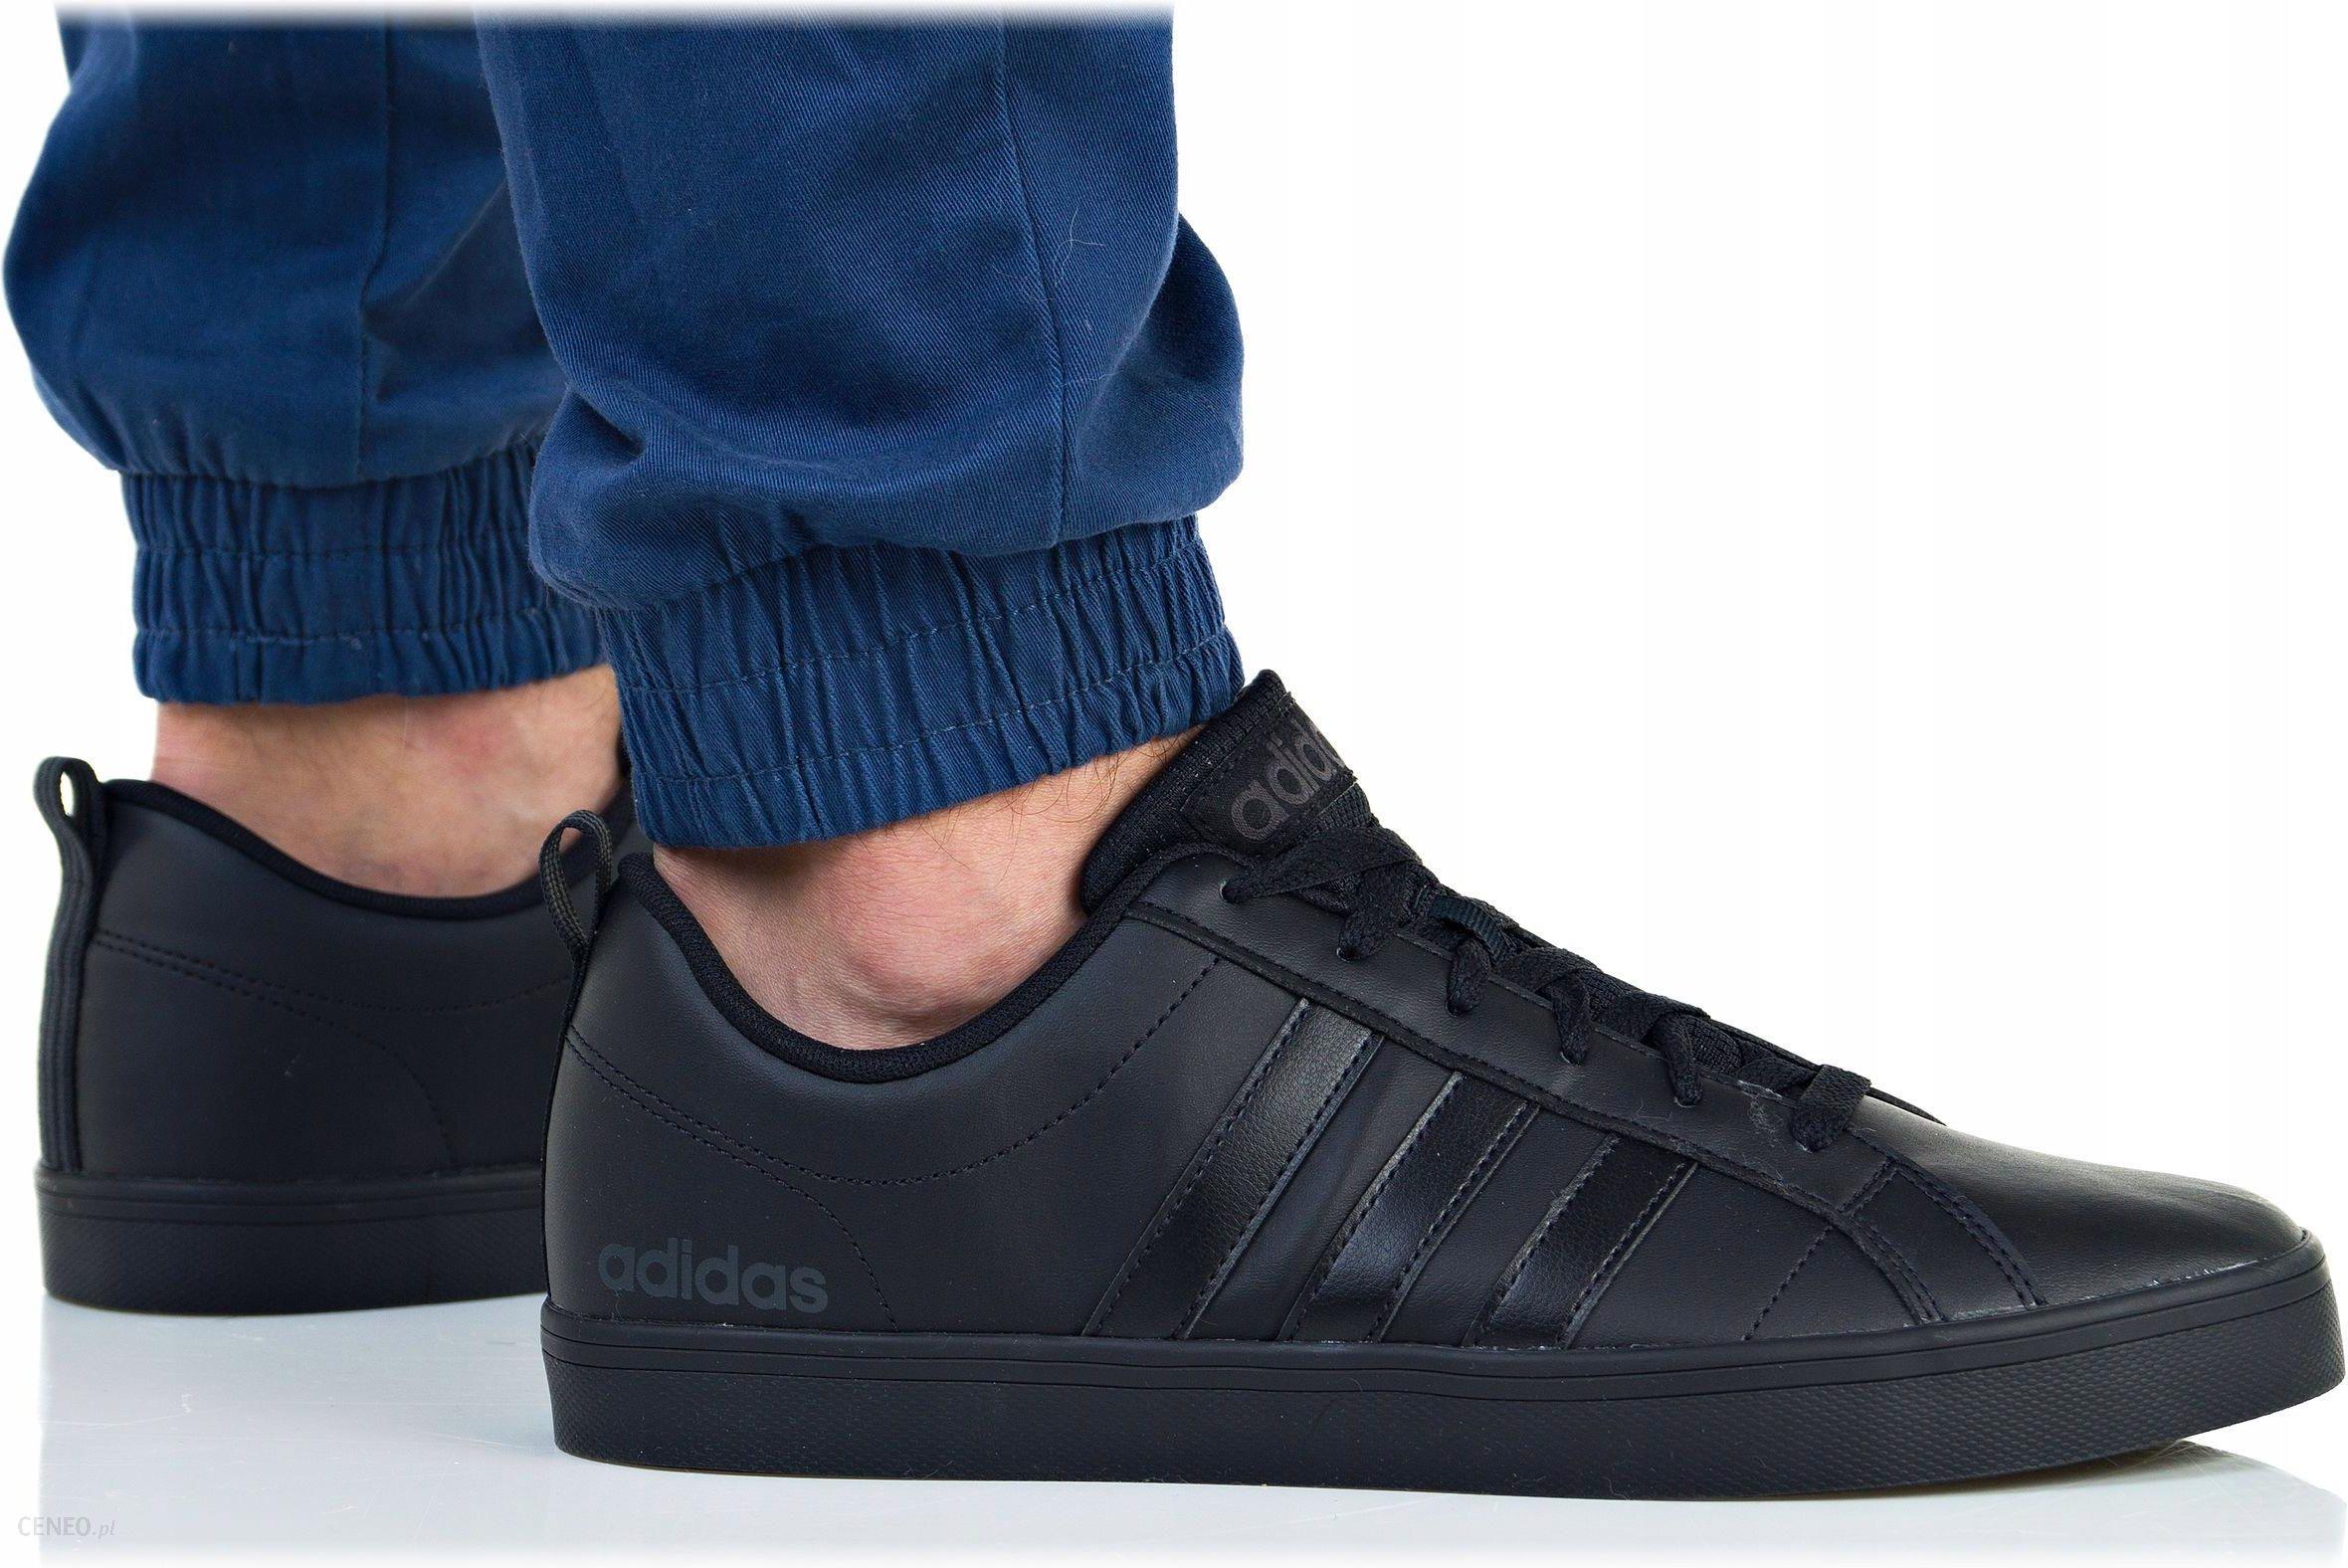 Buty Adidas X_plr BY9260 X Plr 44 Czarne Ceny i opinie Ceneo.pl